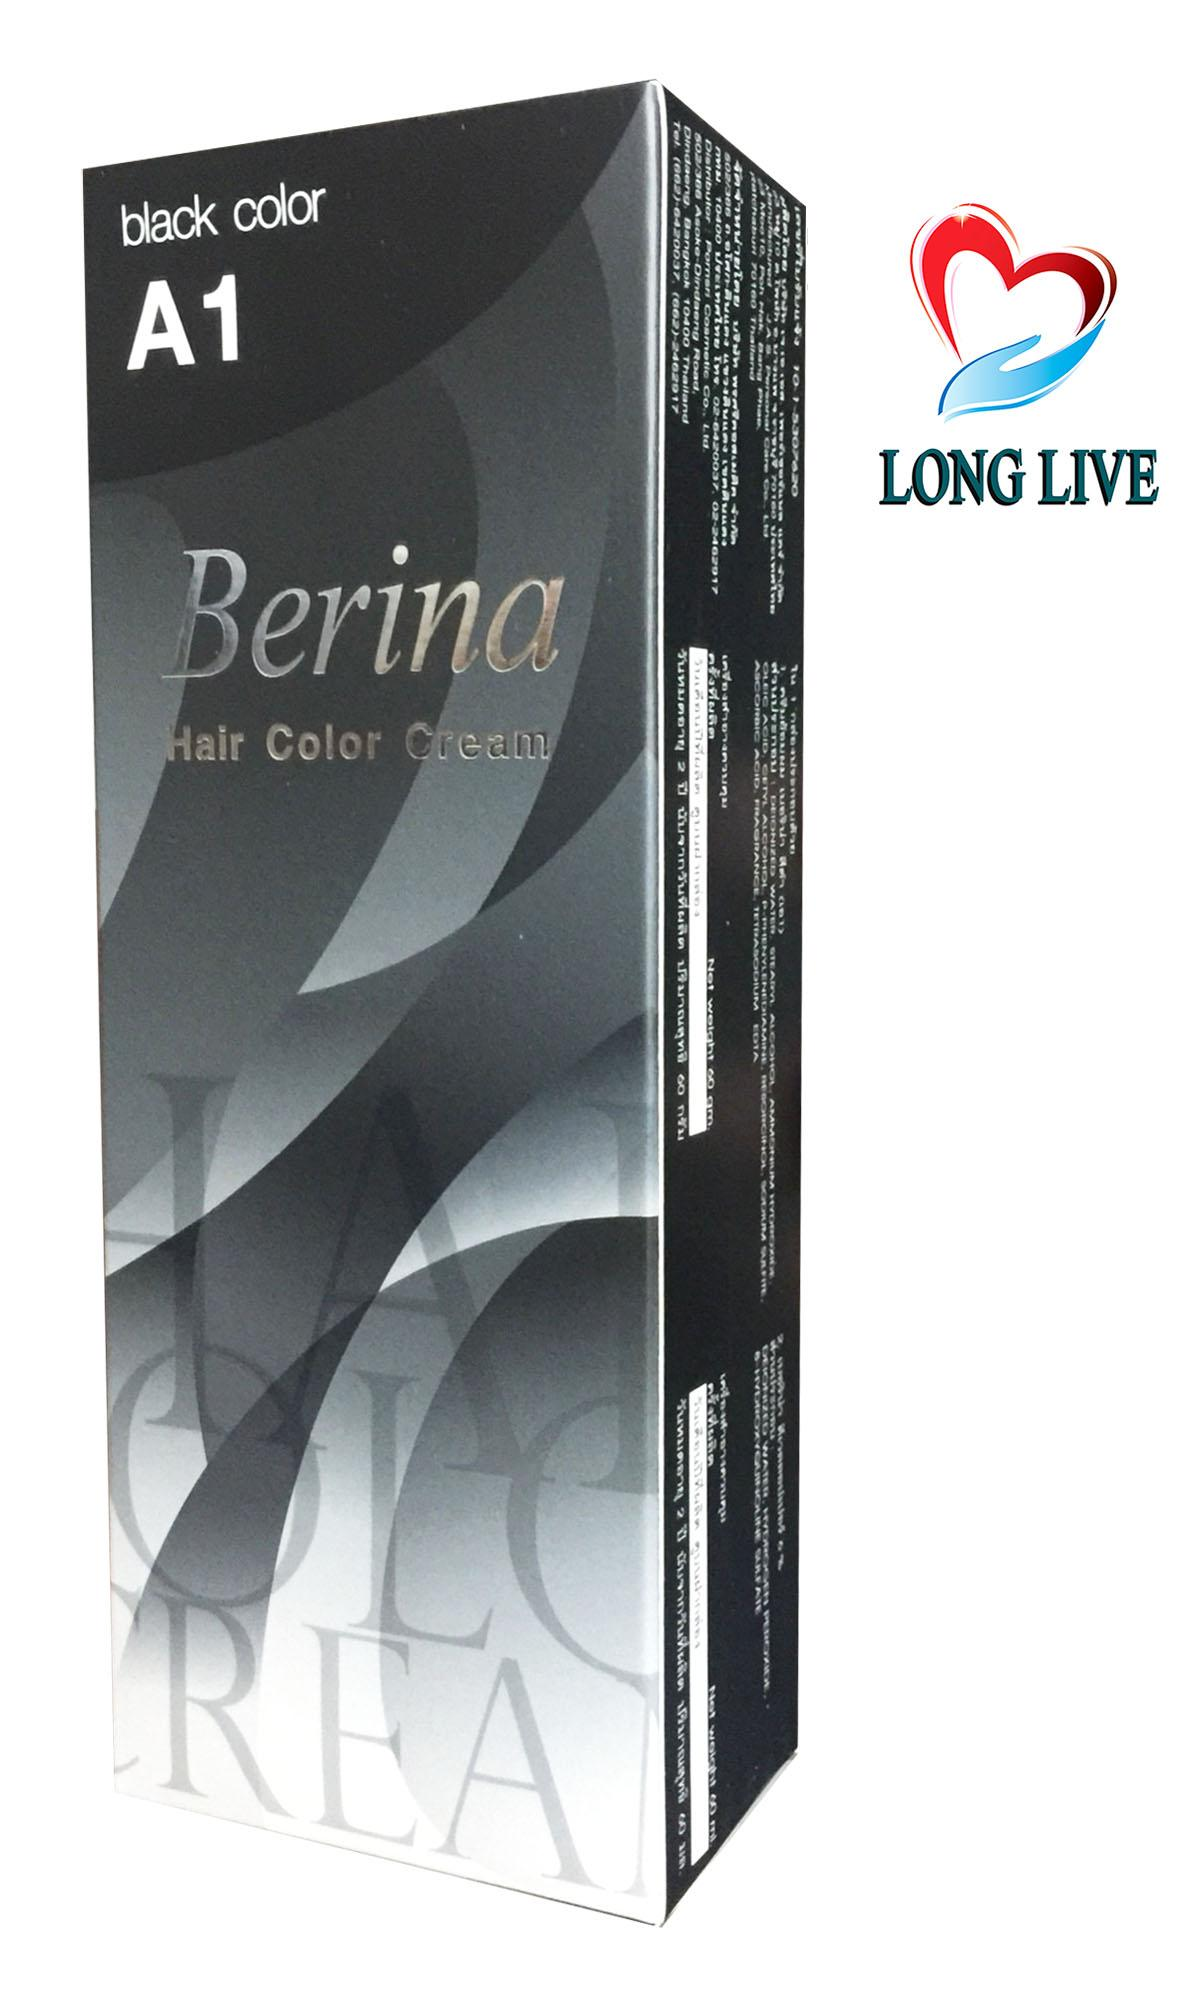 Thuốc nhuộm tóc Berina A1 - Thái Lan (đen) chính hãng